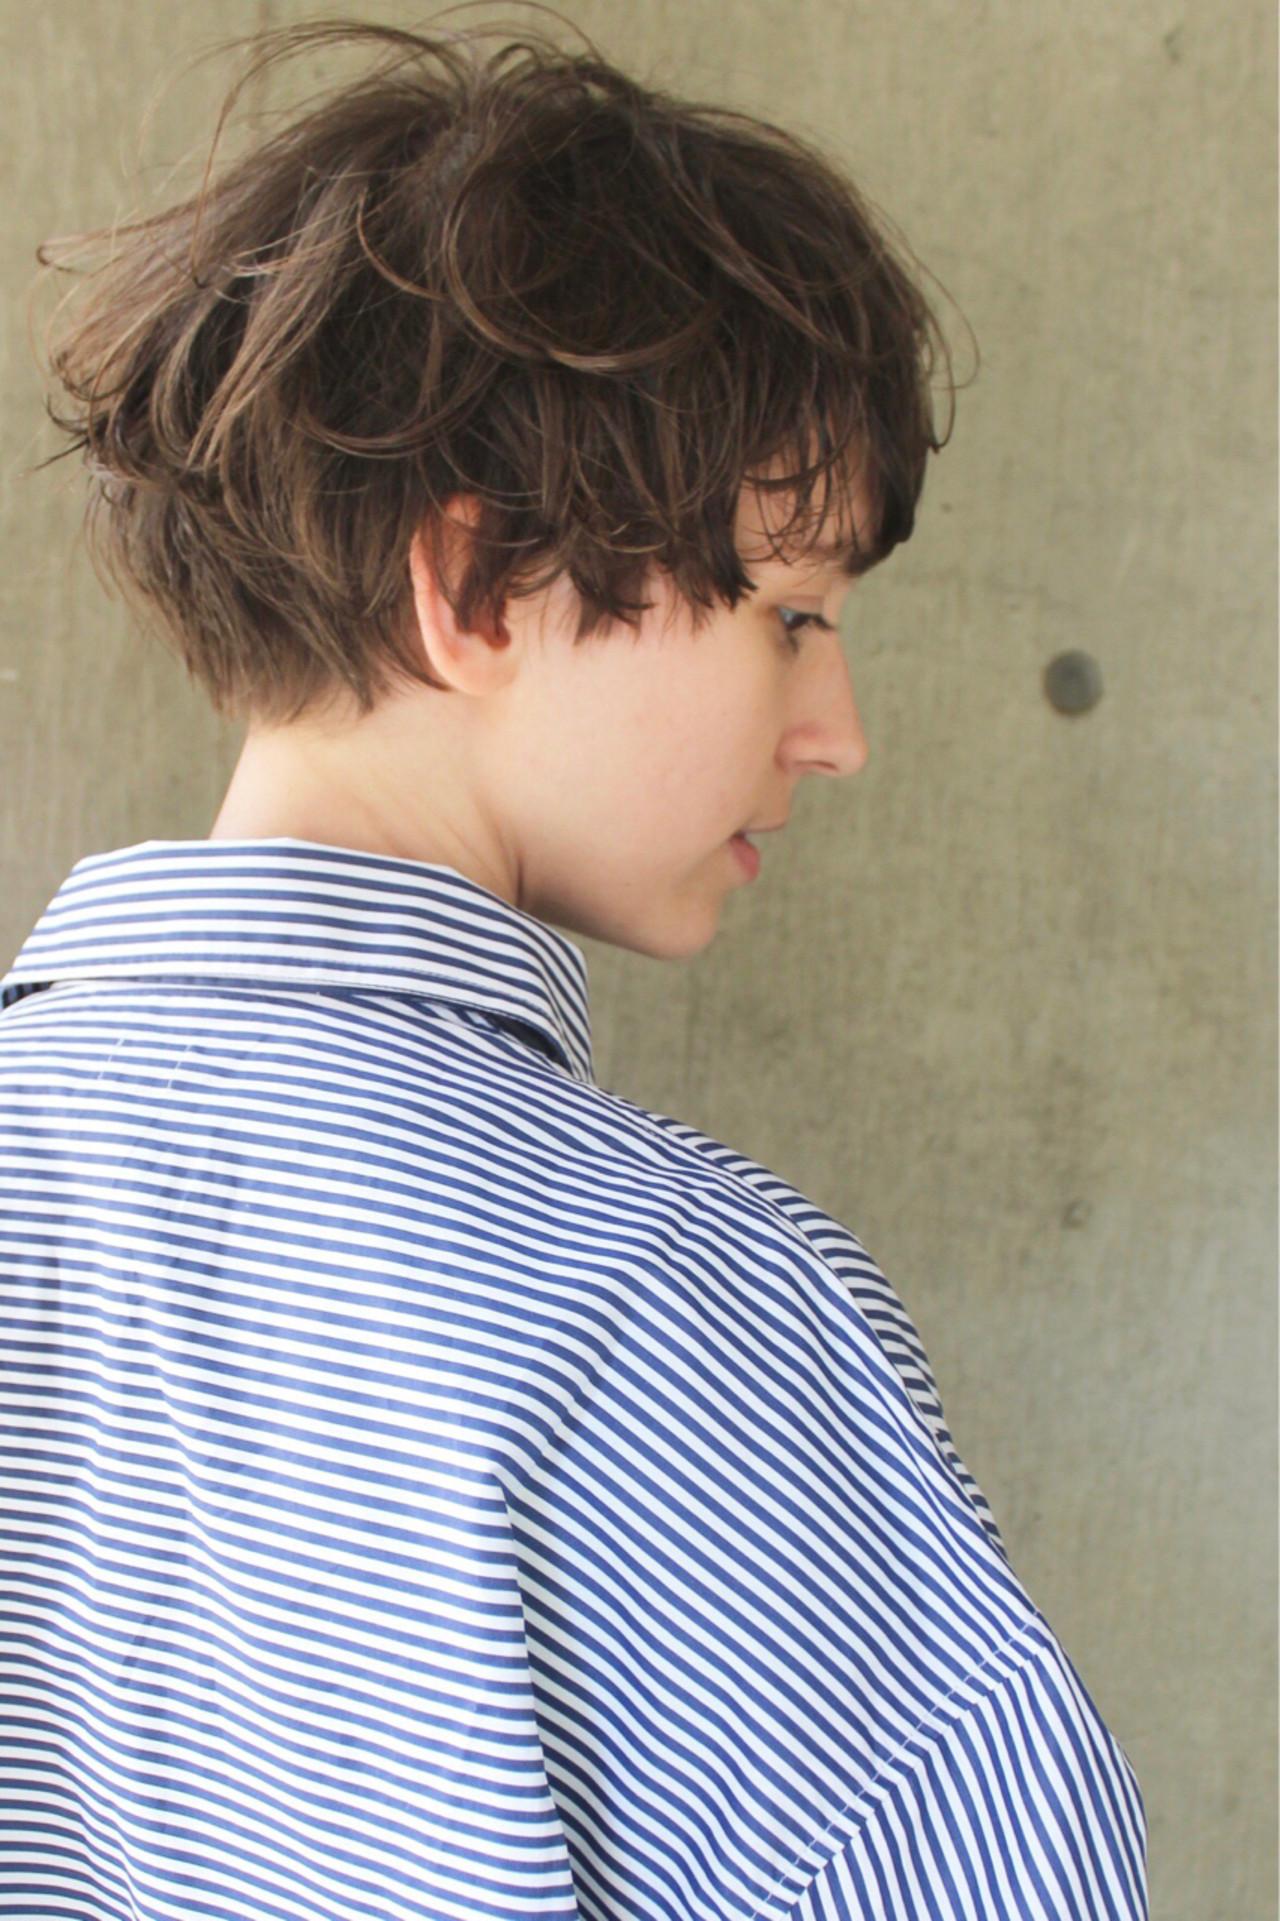 ウェーブ ハイライト アンニュイ モードヘアスタイルや髪型の写真・画像